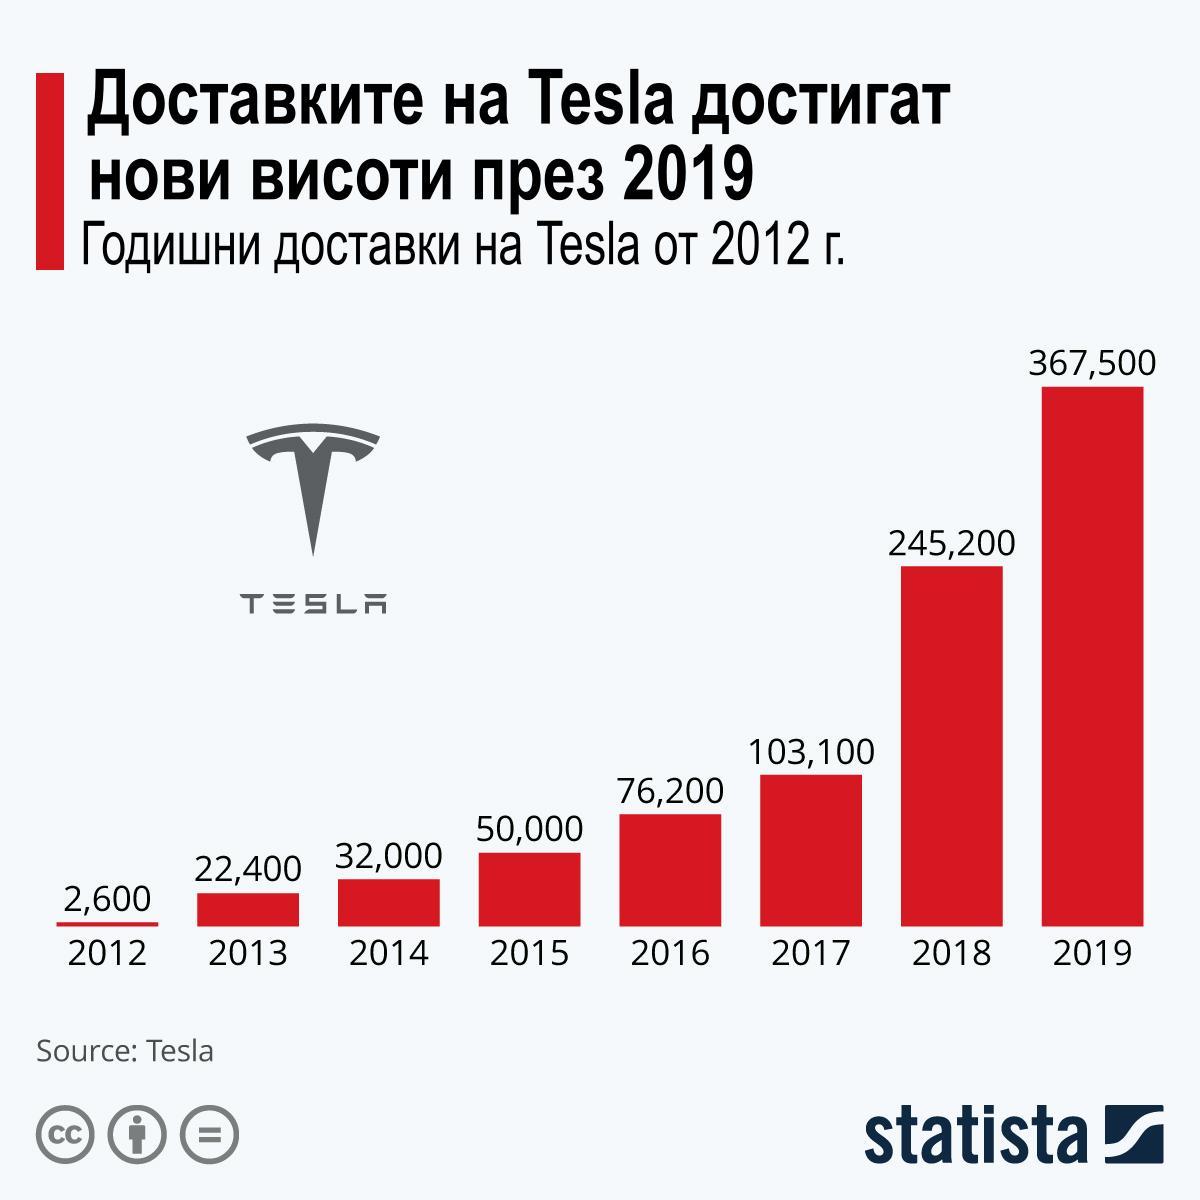 Доставки на Тесла от 2012 до 2019